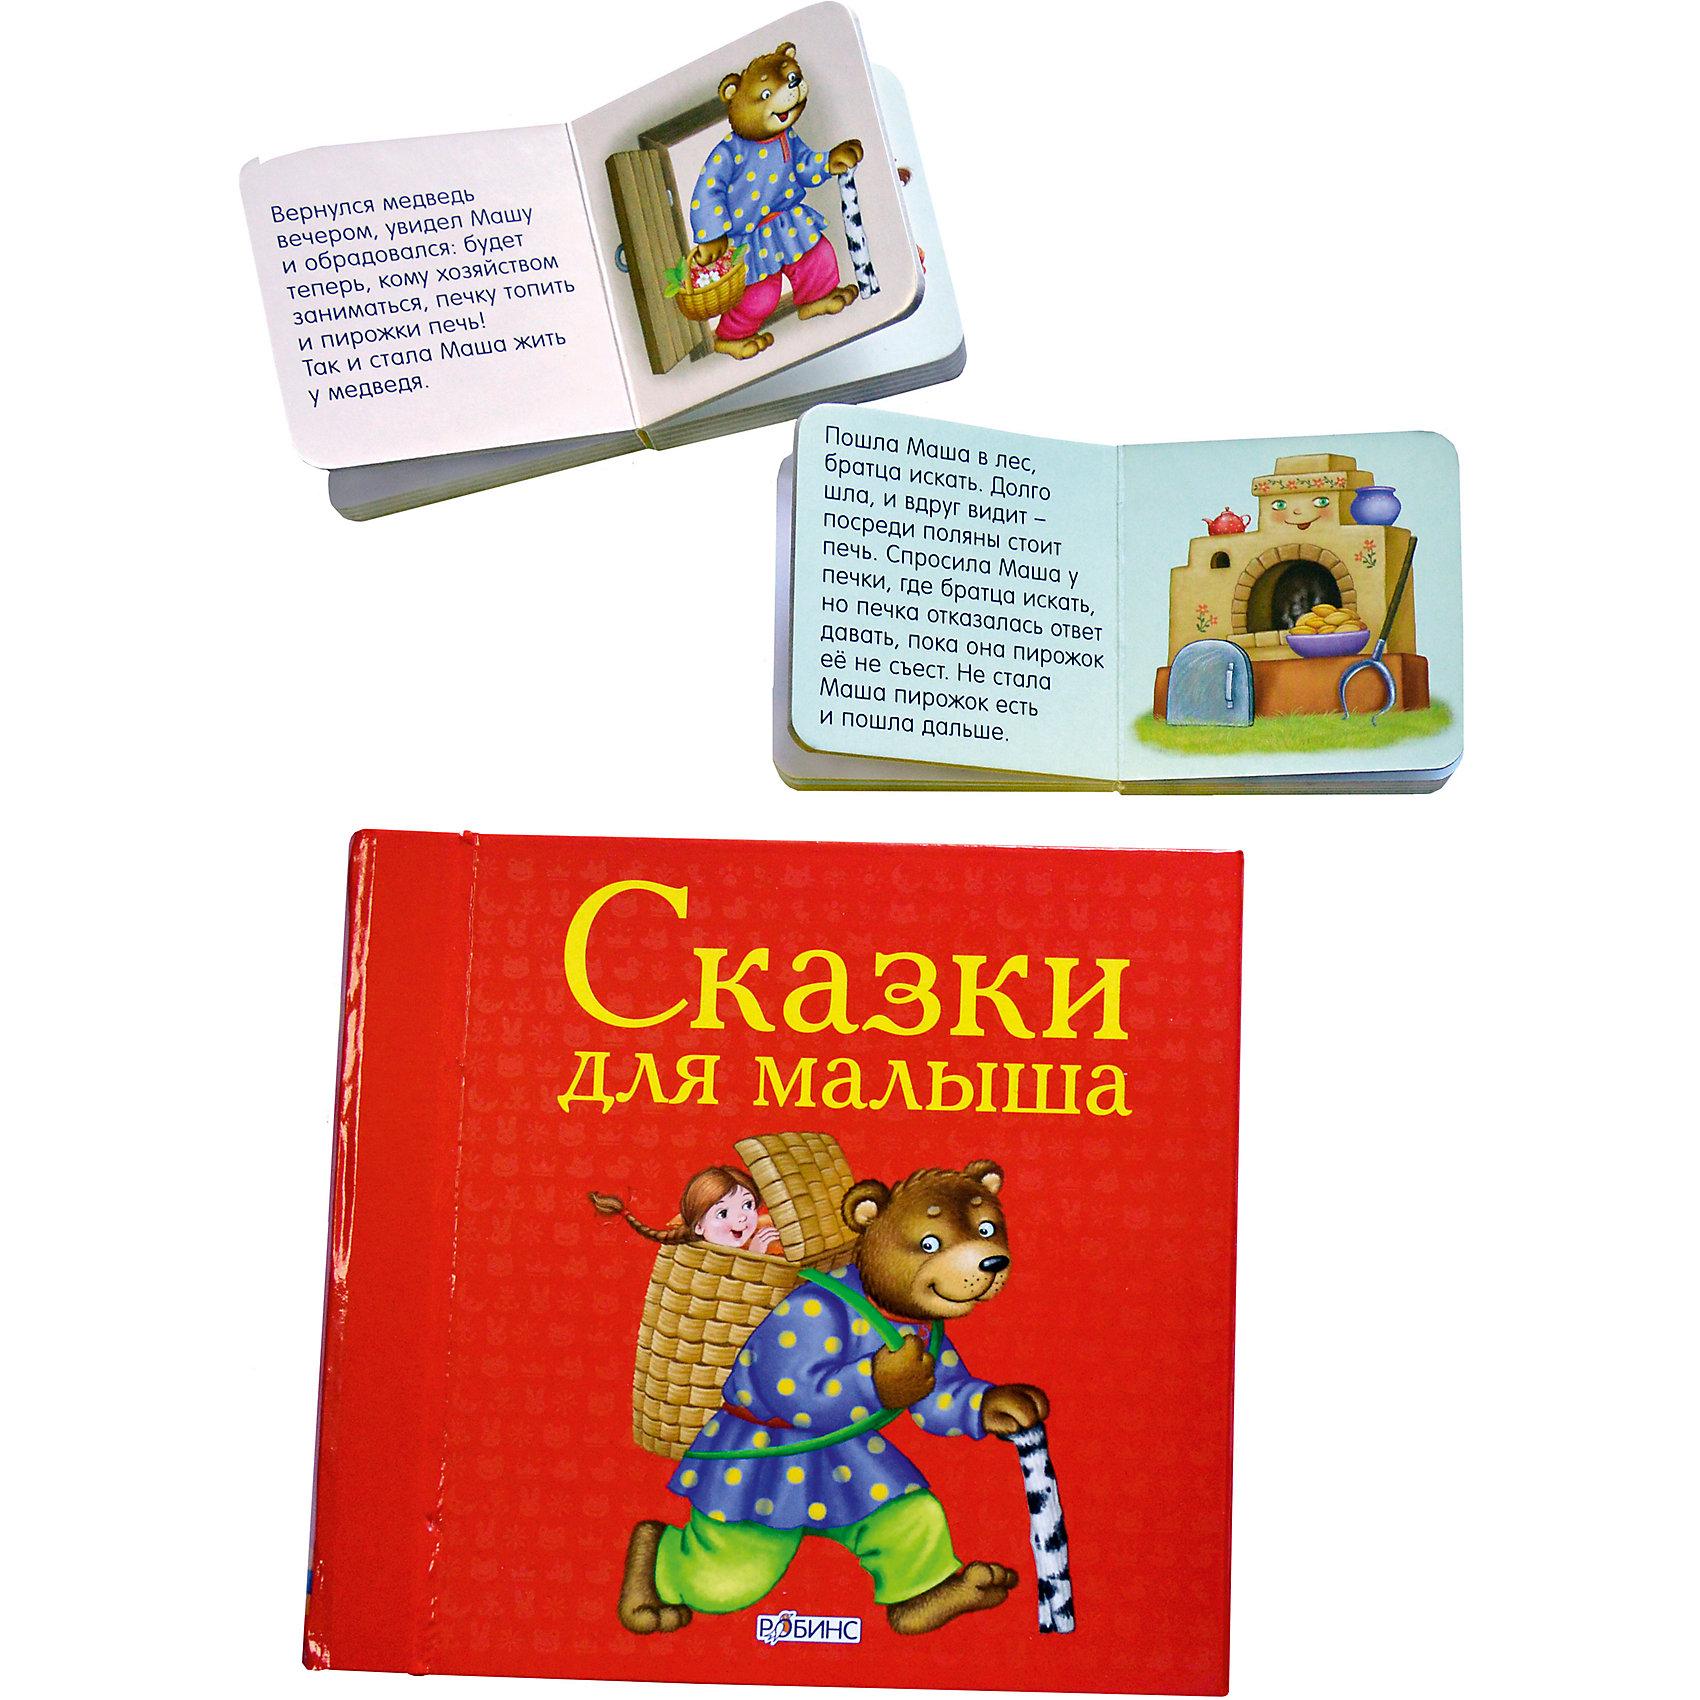 Сказки-кубики Сказки для малышаПервые книги малыша<br>Сказки-кубики Сказки для малыша - это удивительное развивающее пособие для вашего ребенка. <br>Рассматривайте вместе с ним картинки, читая сказки и играя в книжки кубики, вы способствуете развитию мелкой моторики, памяти и внимания, а также воображения и эмоциональной активности. <br>Внутри вы найдете 4 книжки-кубика с крупными сюжетными картинками и текстами сказок.<br>Содержание: <br>Гуси-лебеди<br>Маша и медведь<br>Лиса и заяц<br>Мужик и медведь<br>Каждая книжка - это еще и трещетка!<br><br>Ширина мм: 158<br>Глубина мм: 168<br>Высота мм: 45<br>Вес г: 158<br>Возраст от месяцев: 12<br>Возраст до месяцев: 60<br>Пол: Унисекс<br>Возраст: Детский<br>SKU: 5034165